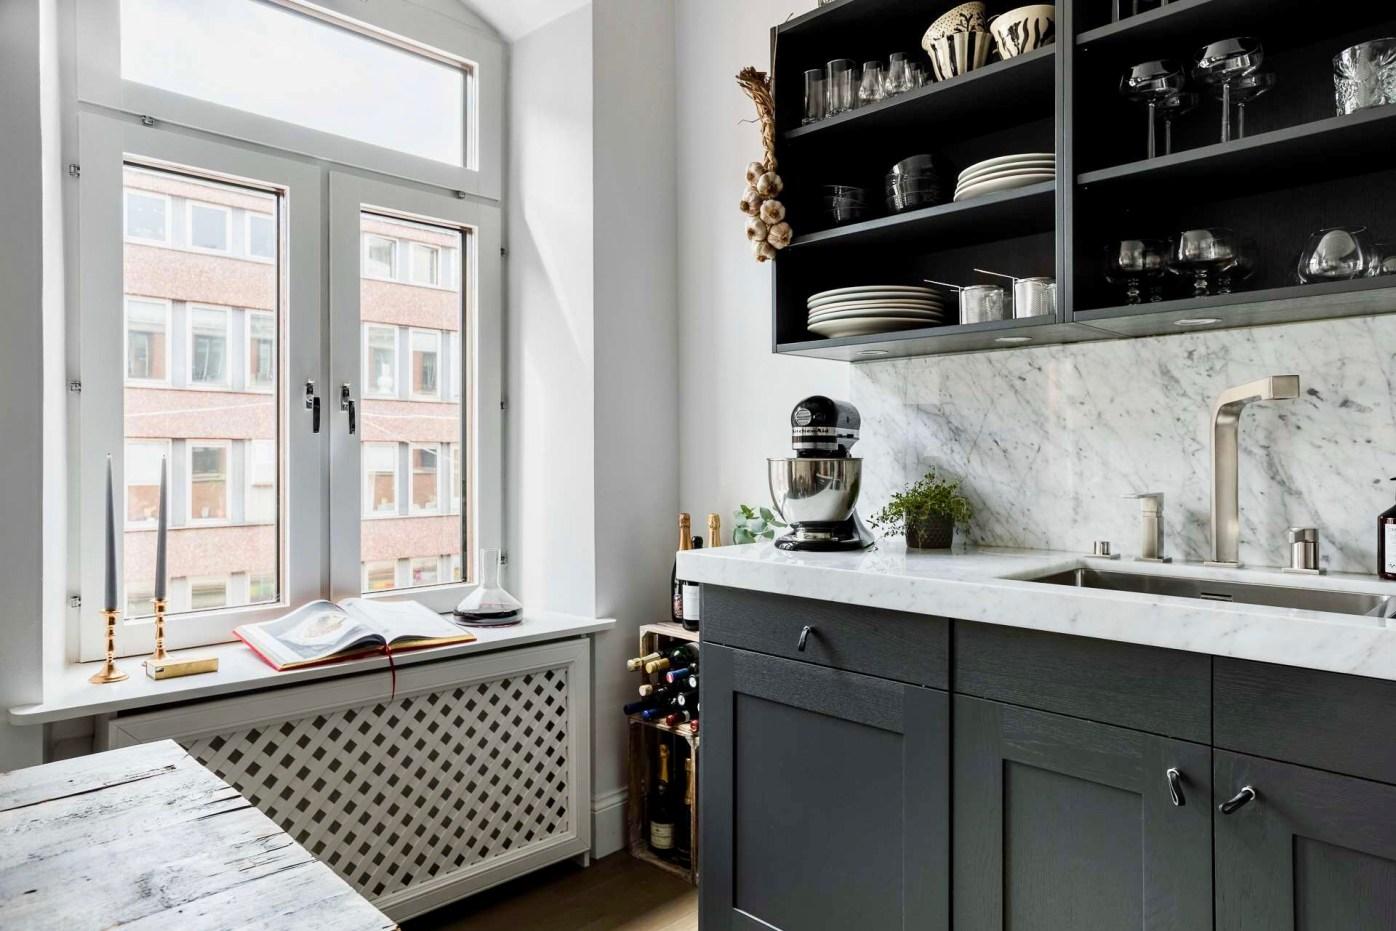 кухня окно экран радиатора